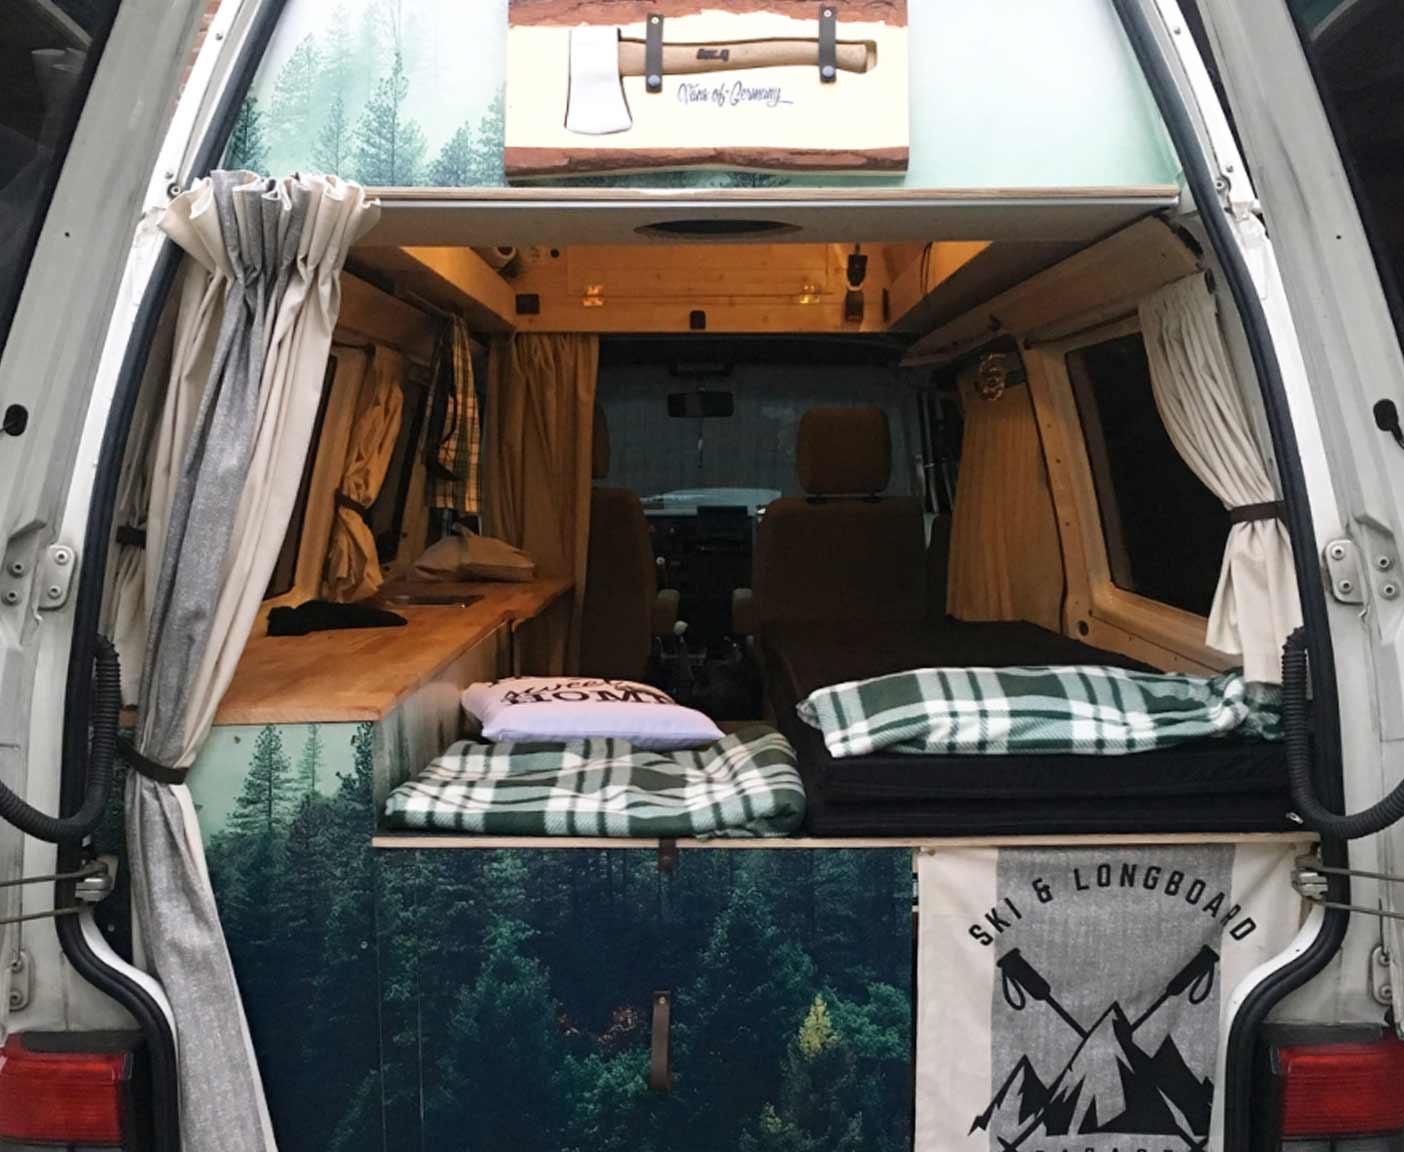 wohnmobil-ausbau-camper-ausbauten-selbstausbau-Freundship